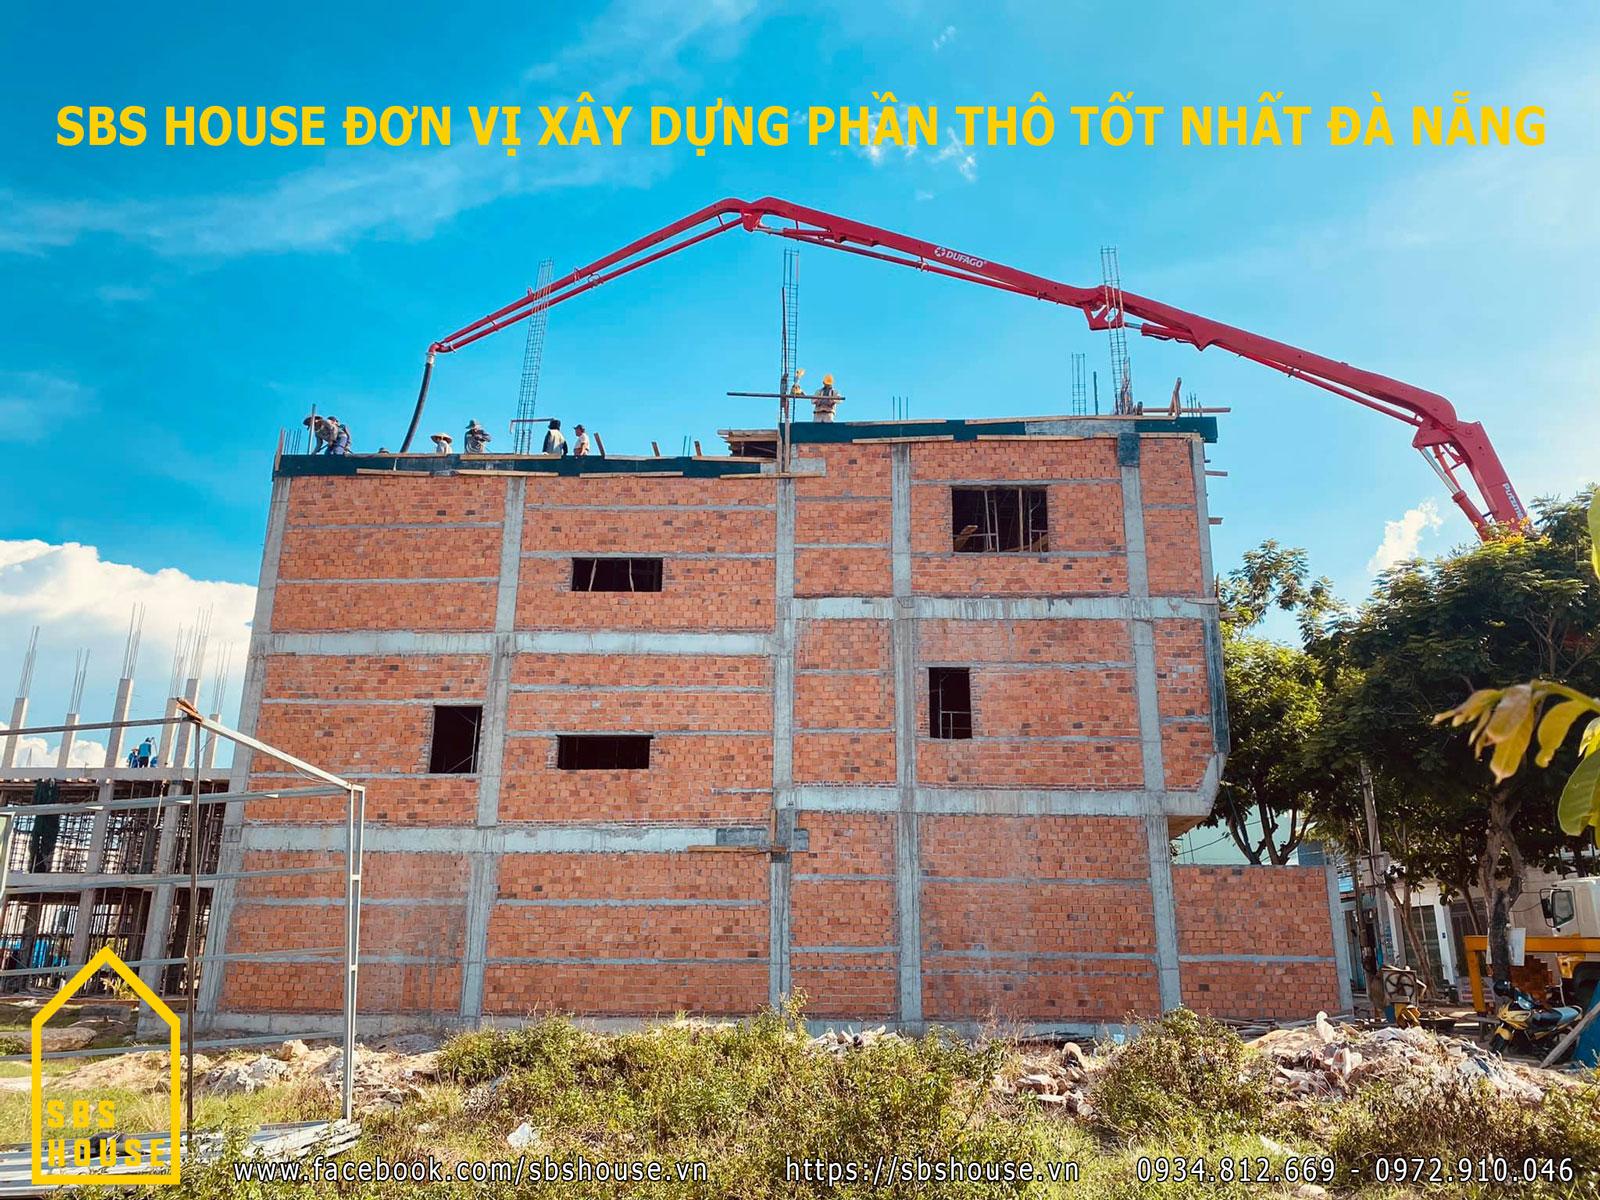 SBS HOUSE Xây dựng phần thô Đà Nẵng